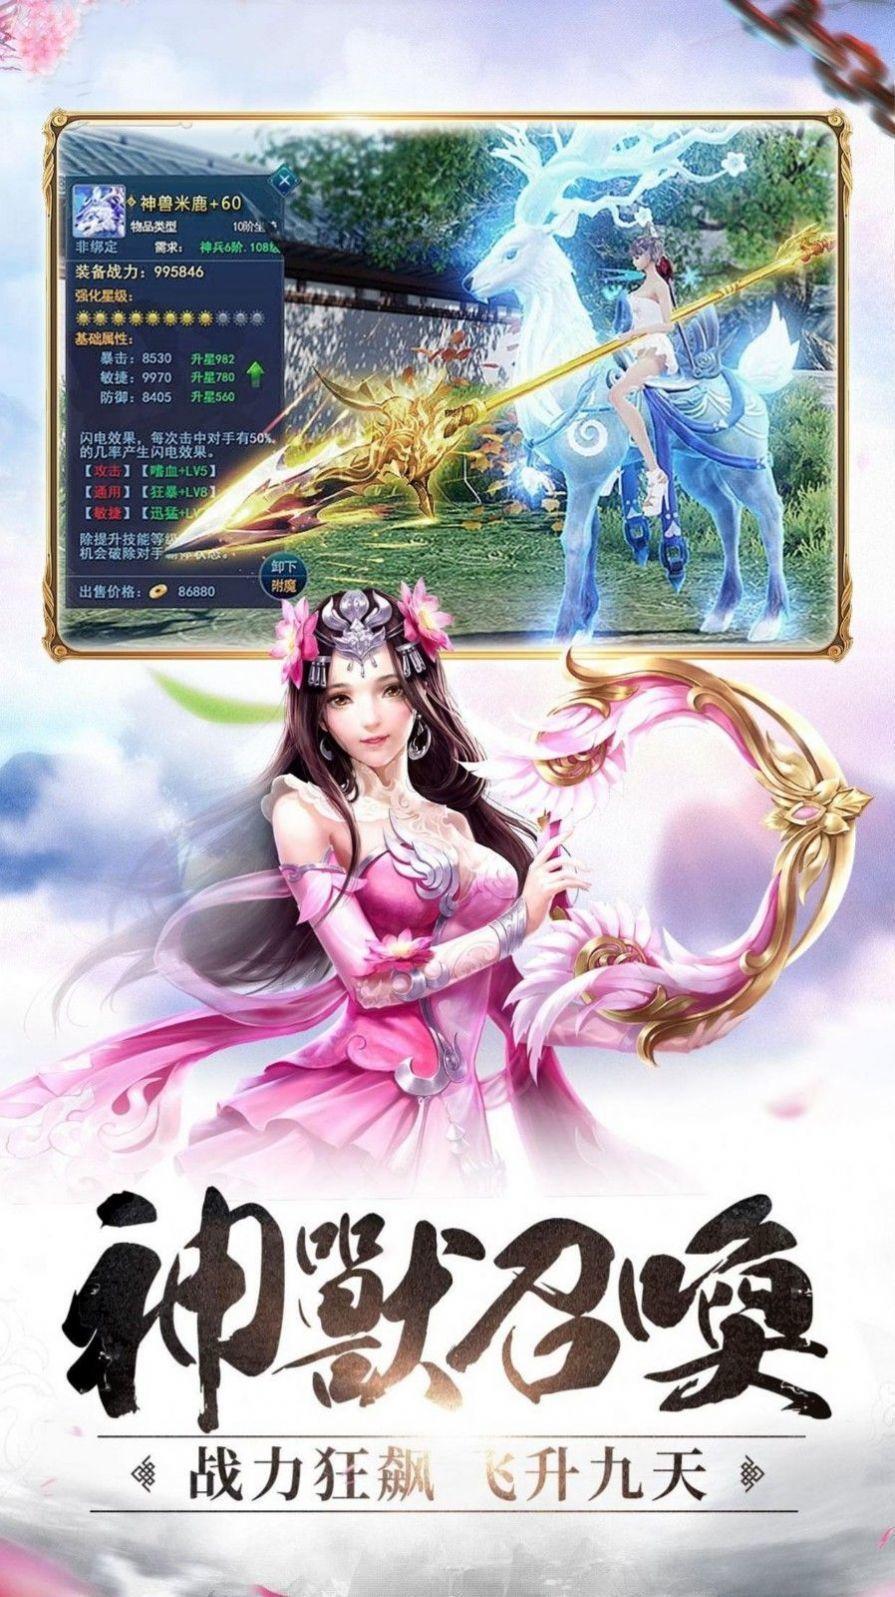 李伟岳母刘梅红包版图2